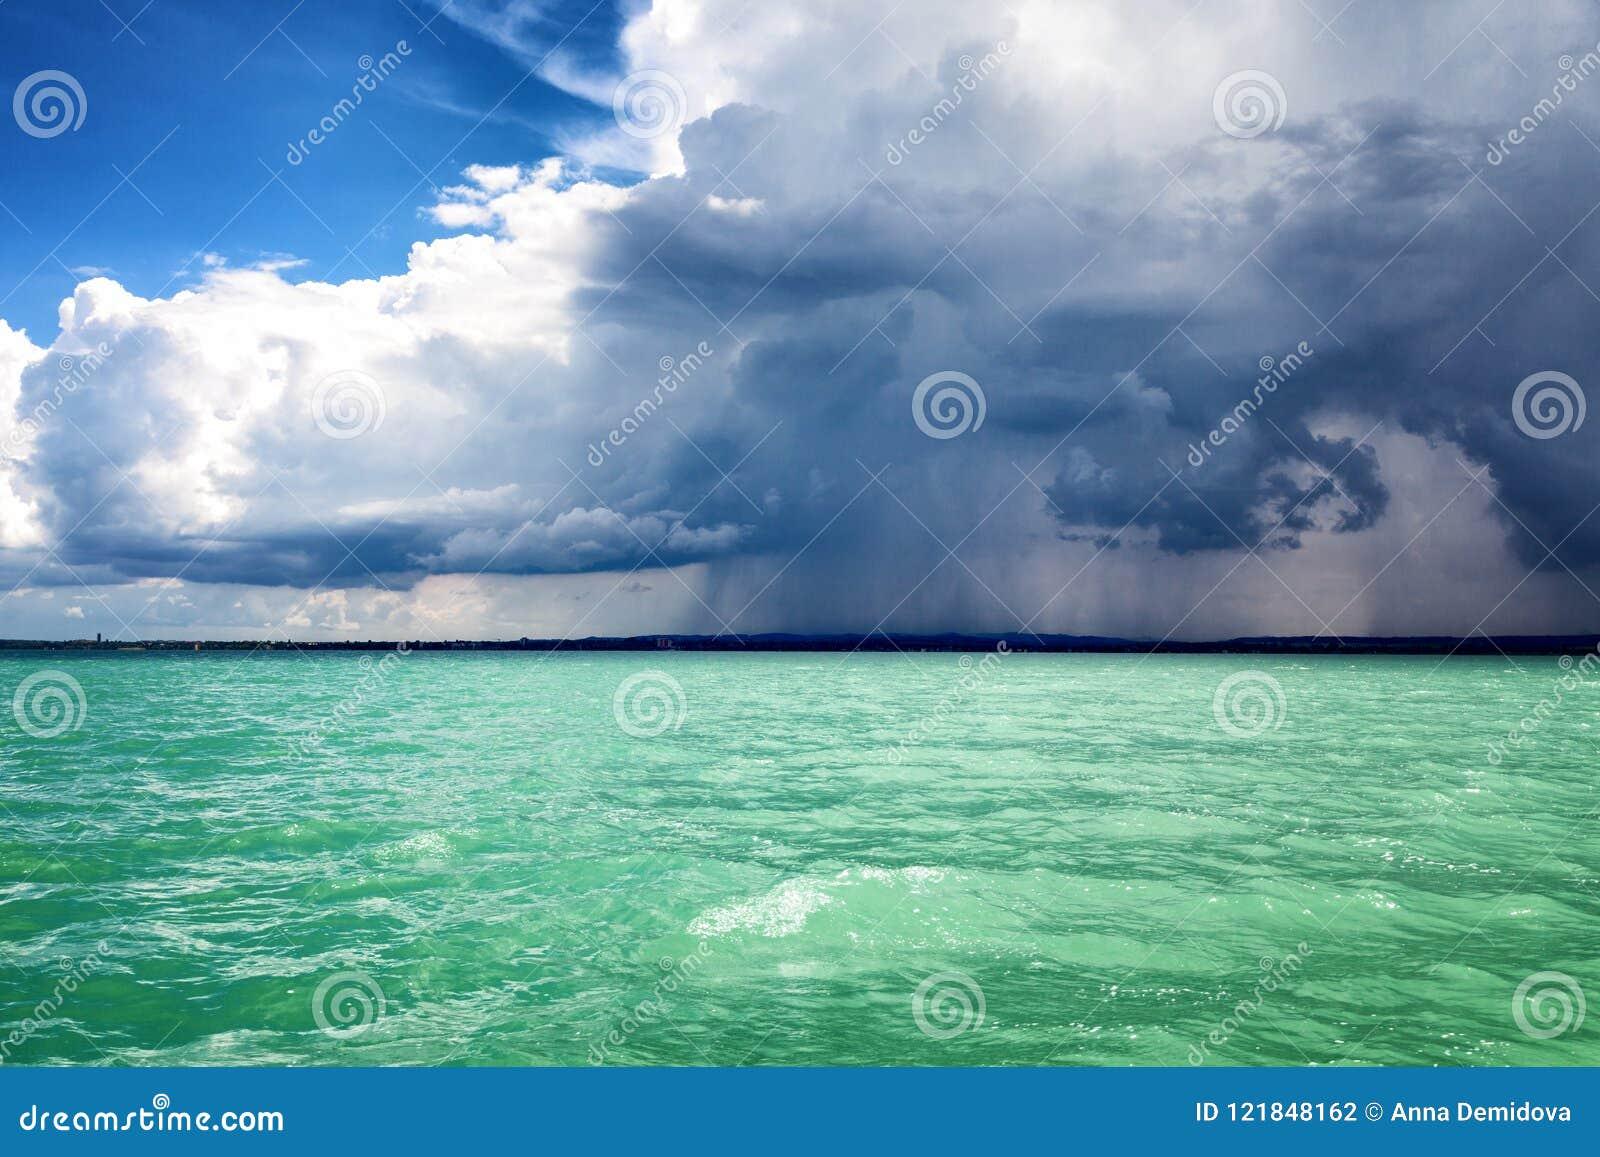 Ισχυρή βροχή στη θάλασσα